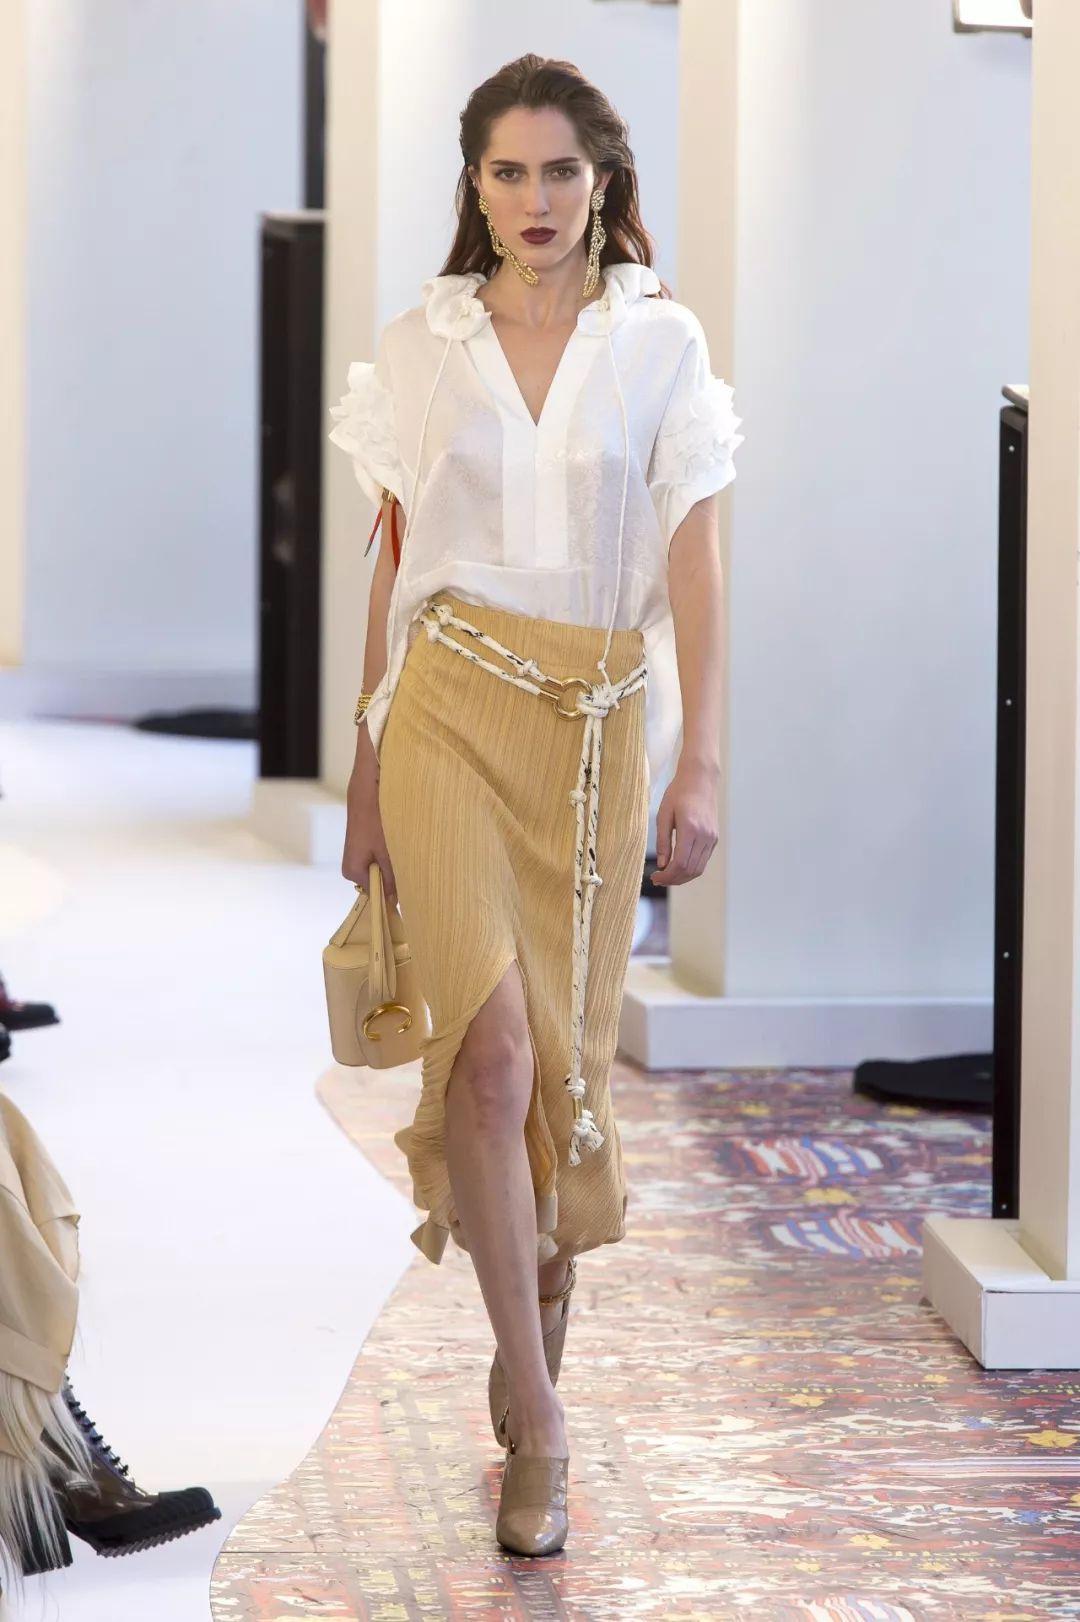 教你轻松变身职场时尚精——如何在经济能力有限的前提下,穿出衣服的丰富感?